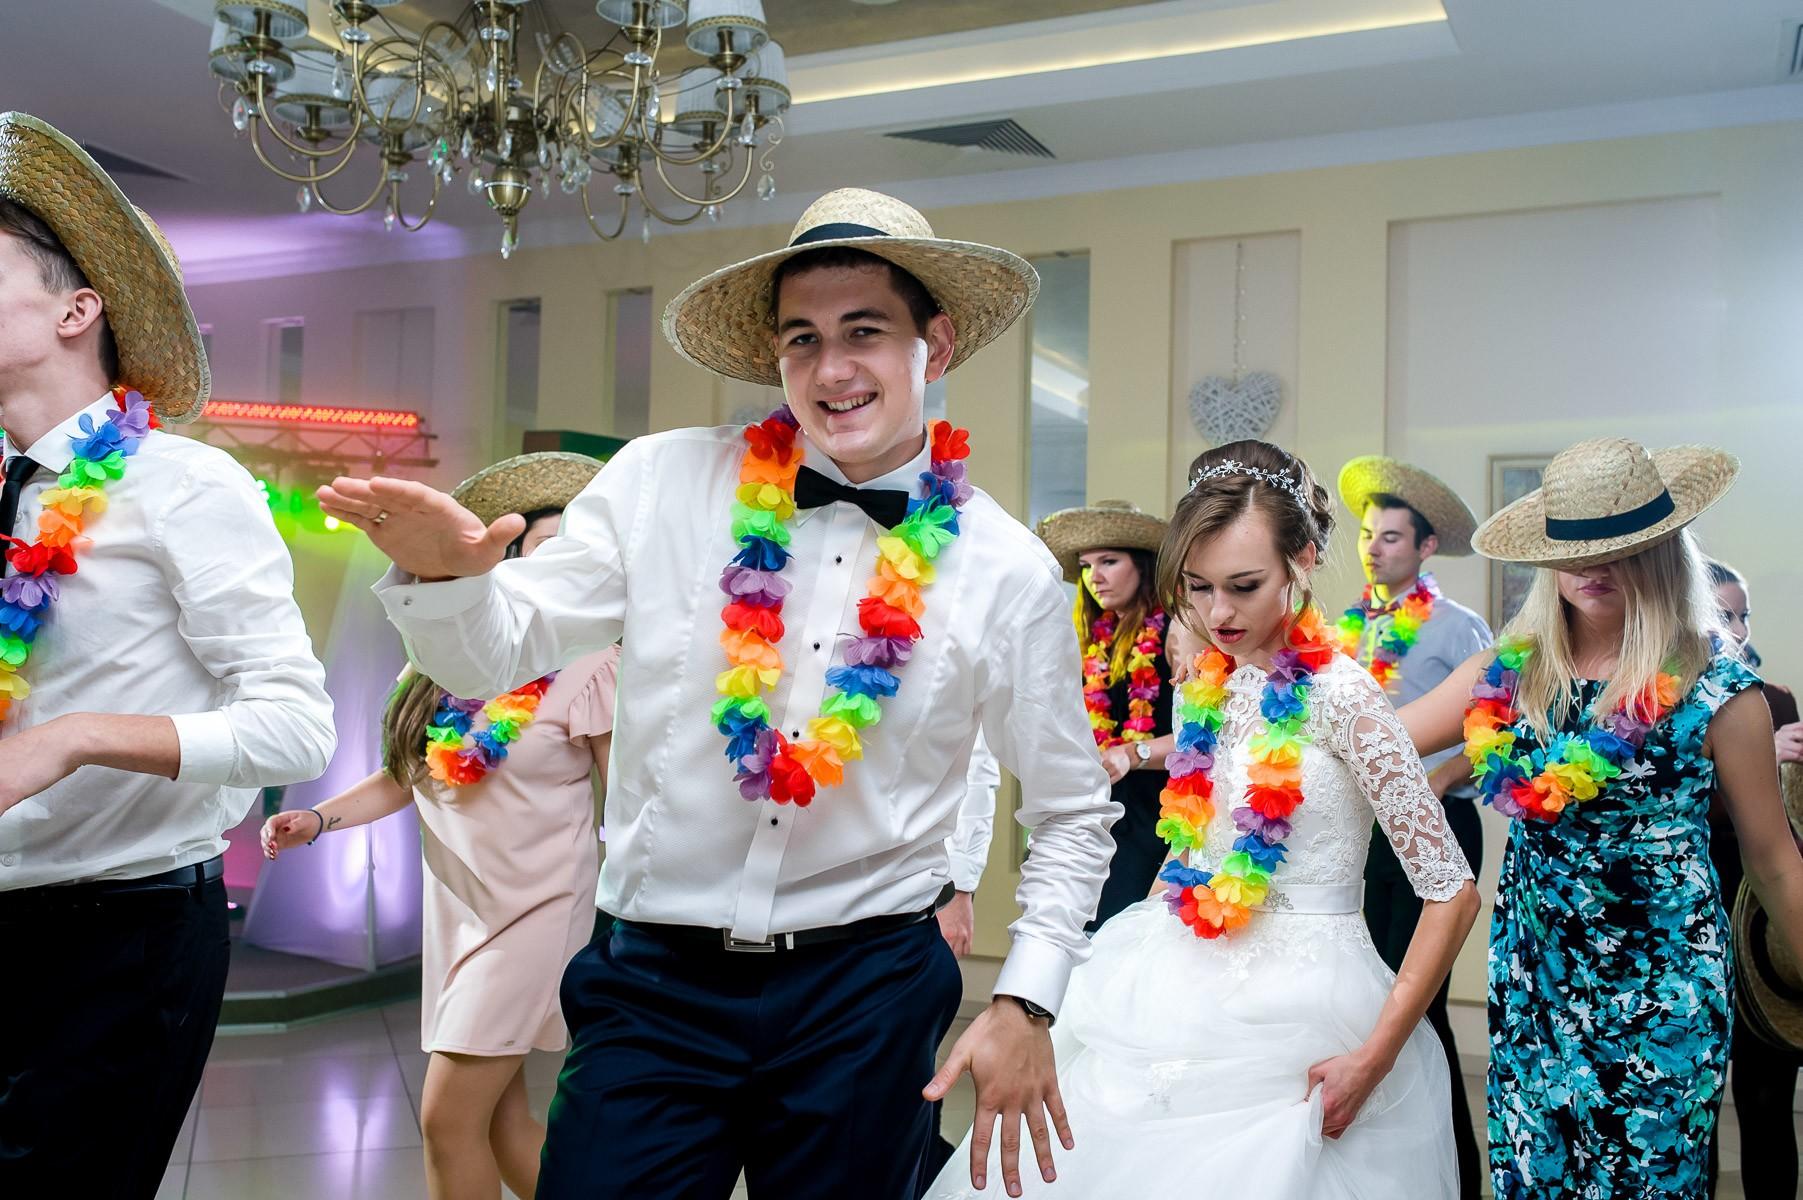 sala na skarpie fotograf slubny slask malopolska adam pietrusiak plener slubny w gorach jw wedding 153